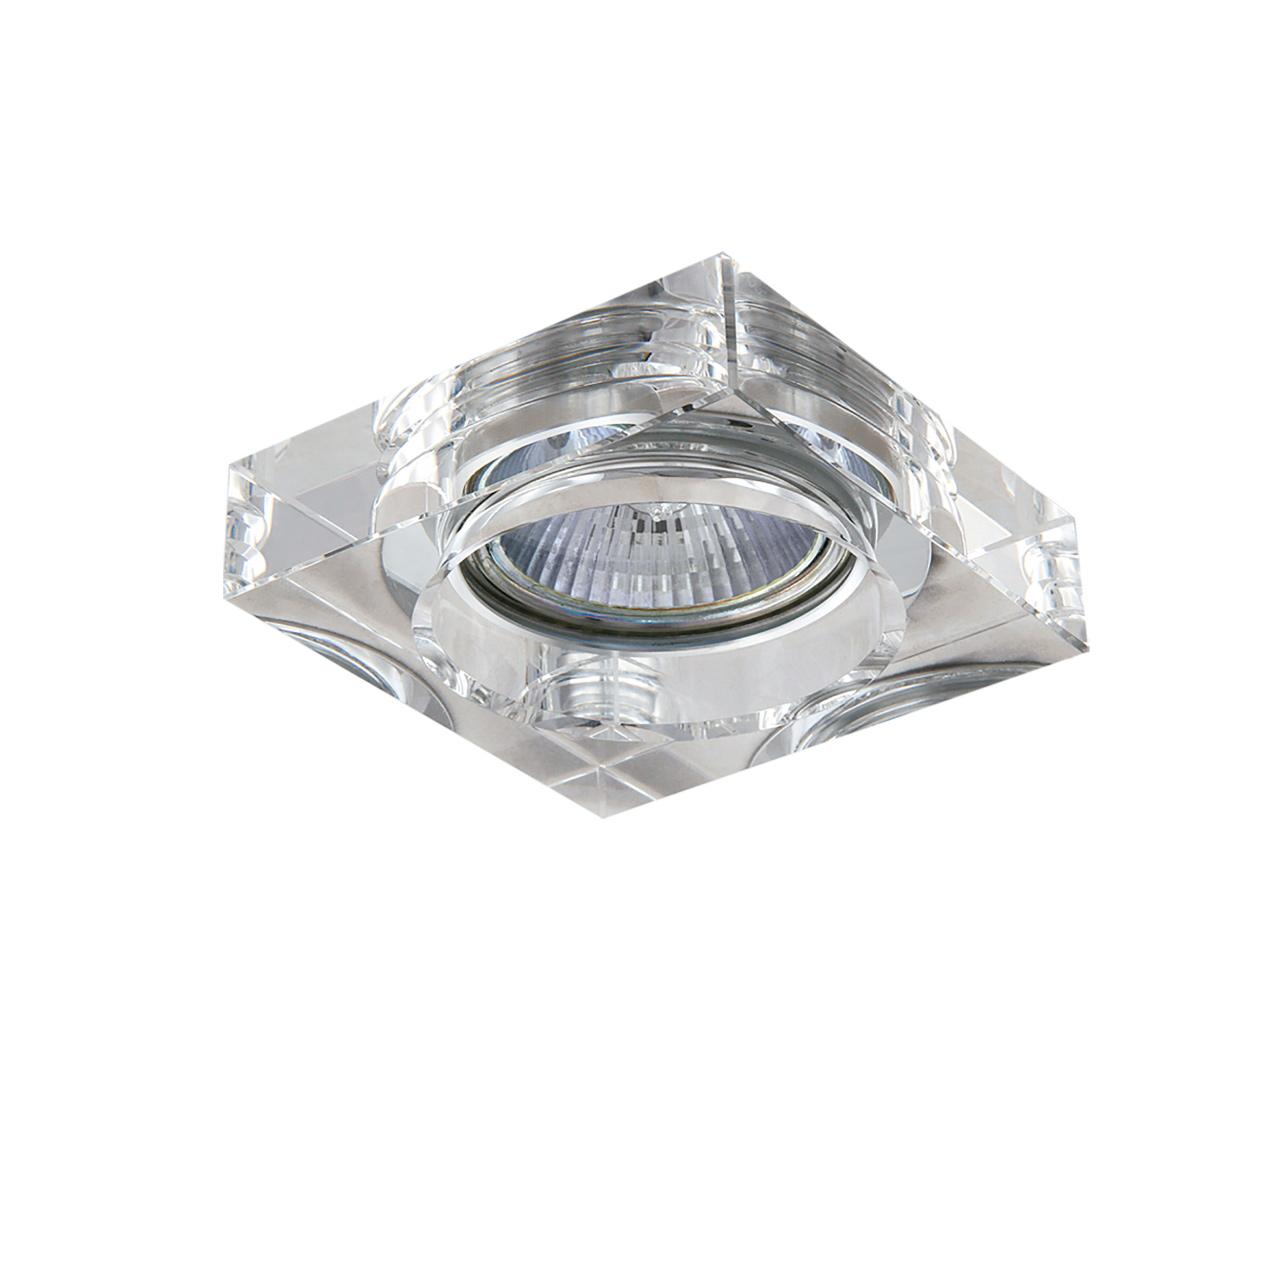 Светильник Lui Mini CR MR16 / HP16 хром / прозрачный Lightstar 006140